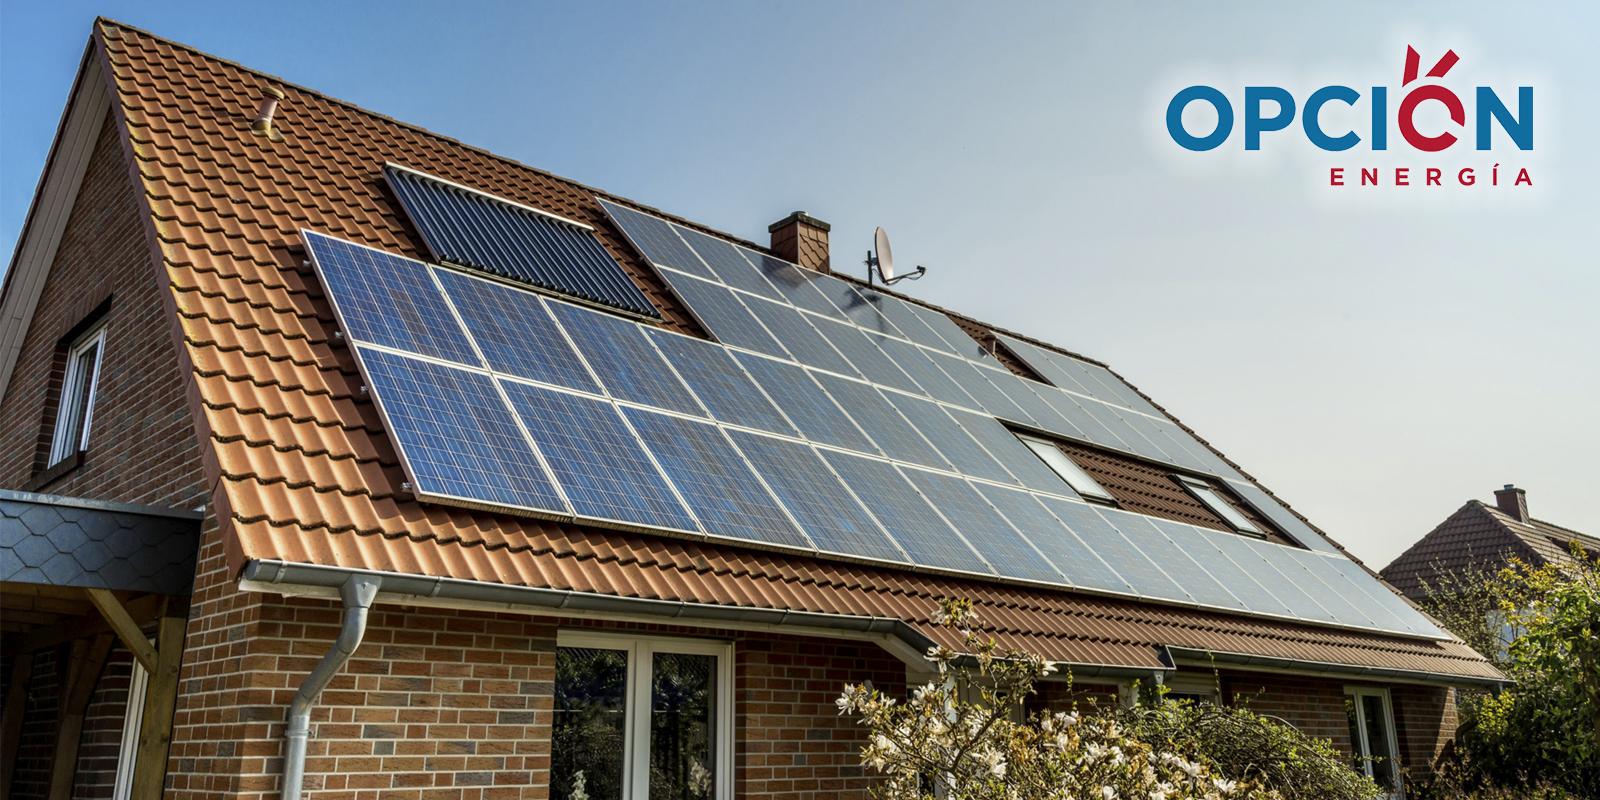 ¿Estás pensando empezar con una instalación de placas solares?